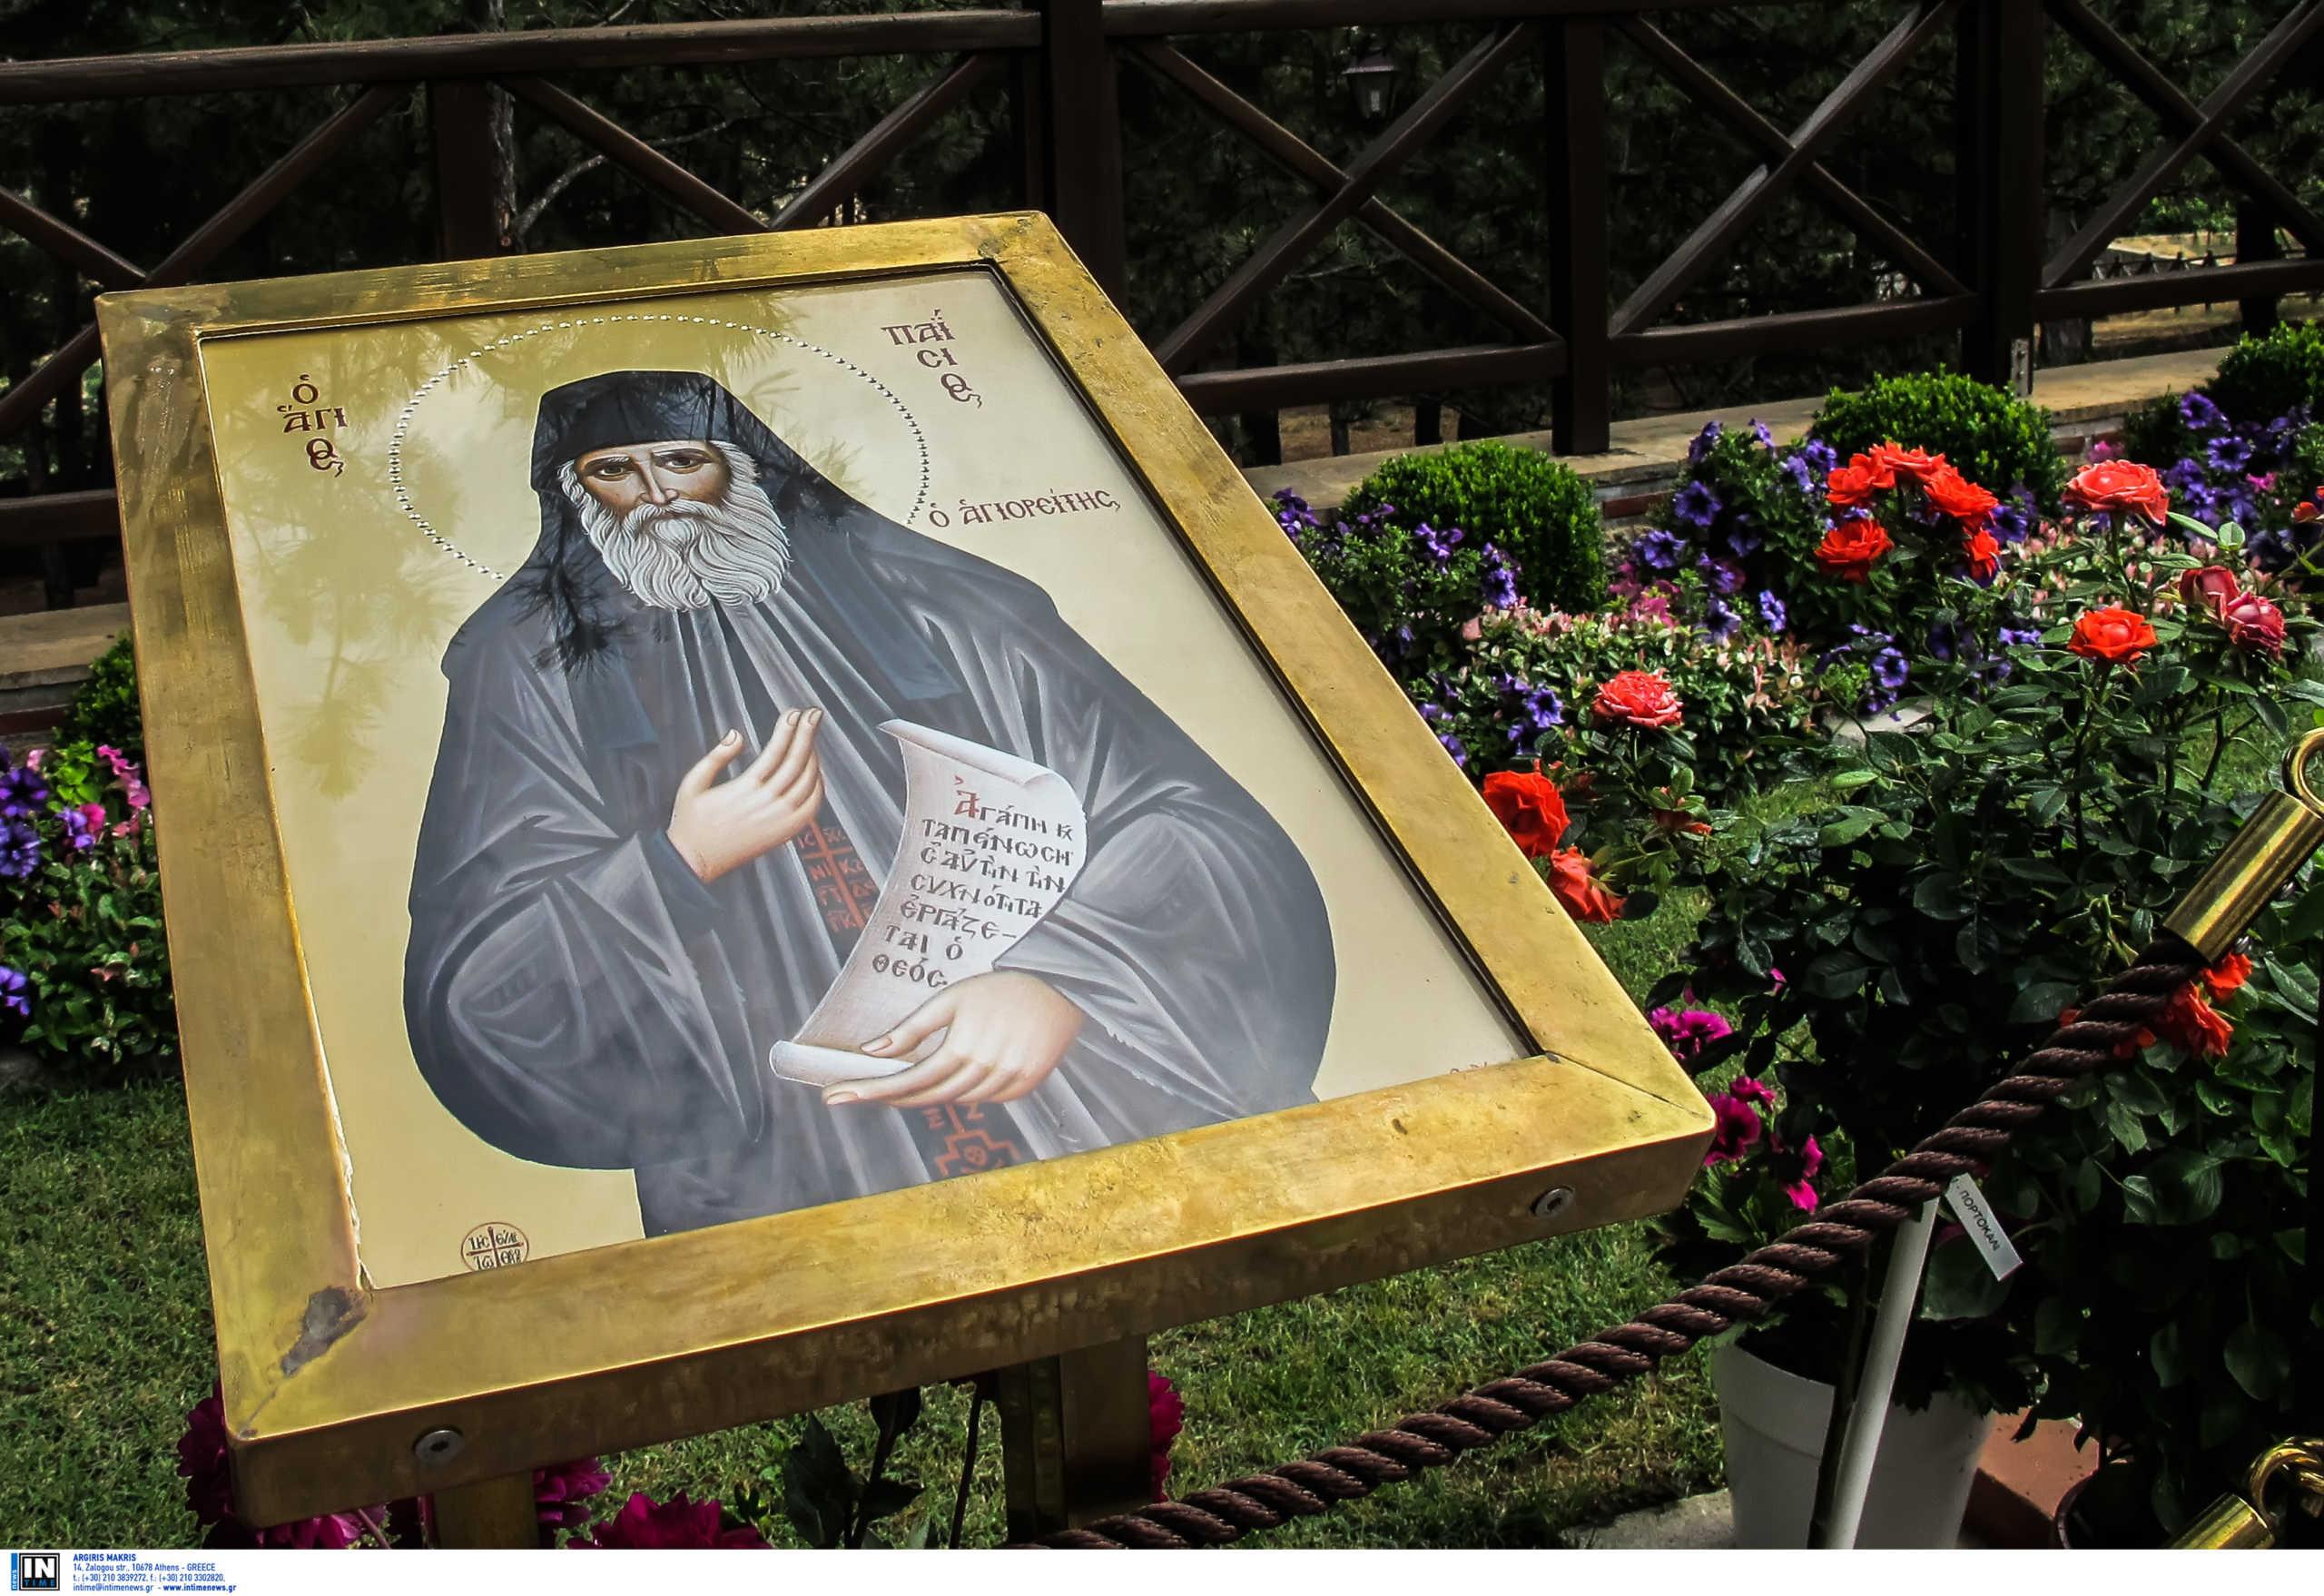 Ποια πανηγύρια; Συνωστισμός για τον Άγιο Παΐσιο σε Θεσσαλονίκη και Αθήνα (βίντεο)